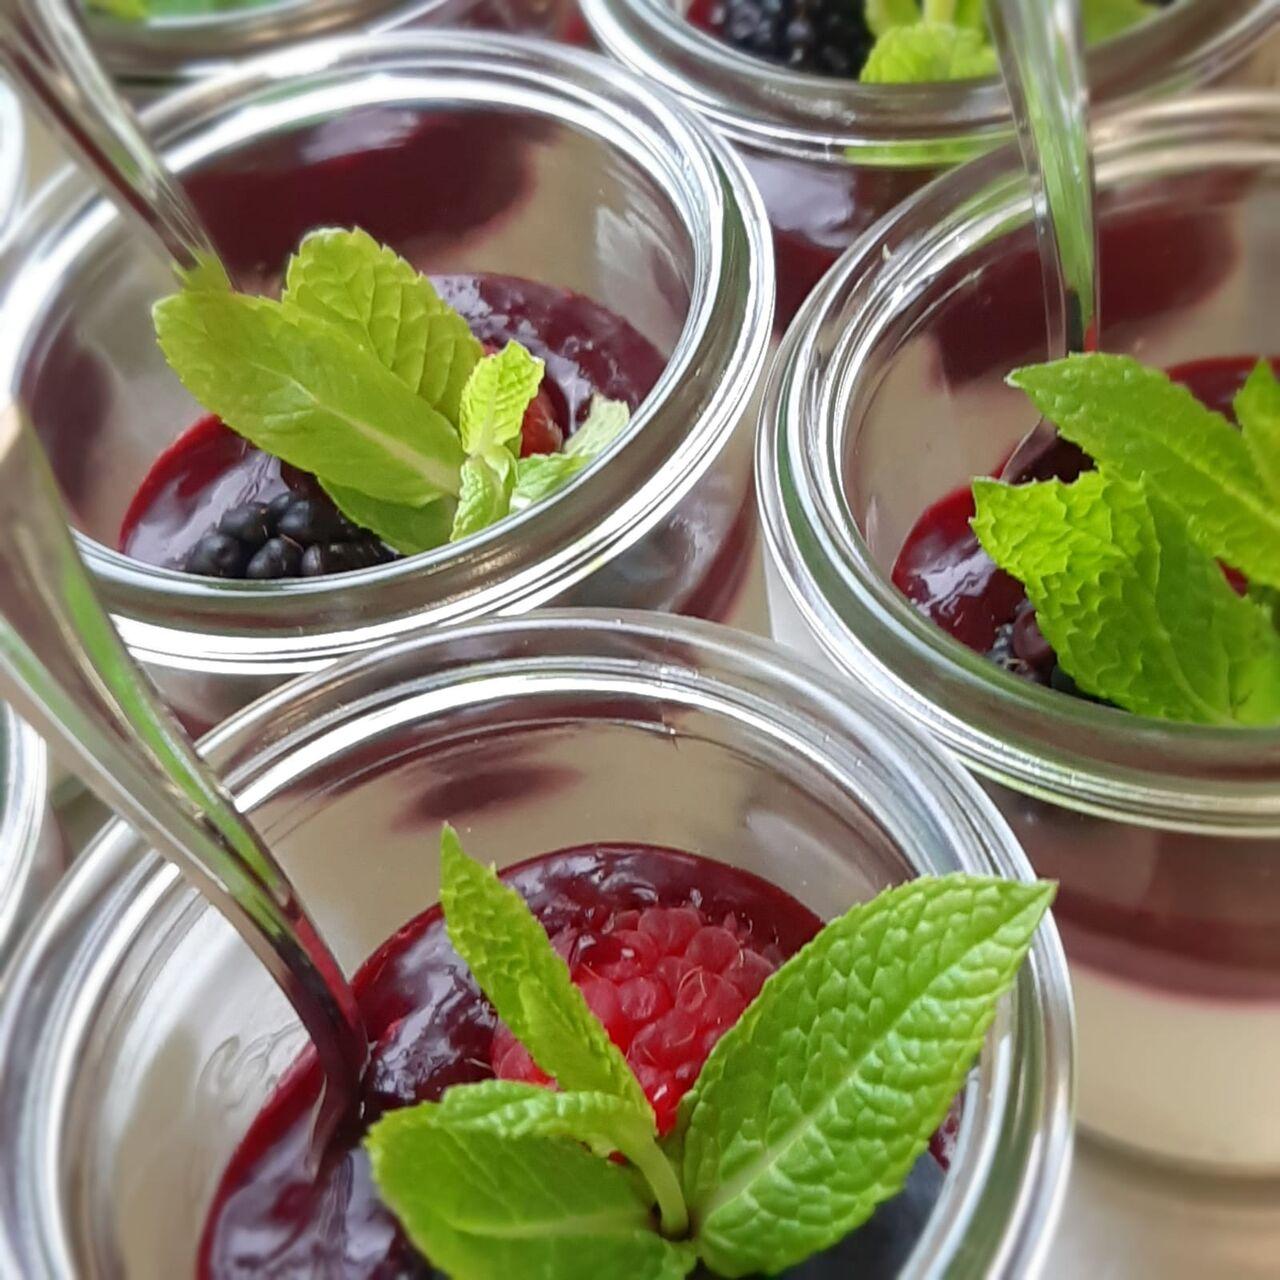 Ein sahniger Nachtisch im Glas, darauf eine fruchtige Schicht aus frischen Waldfrüchten